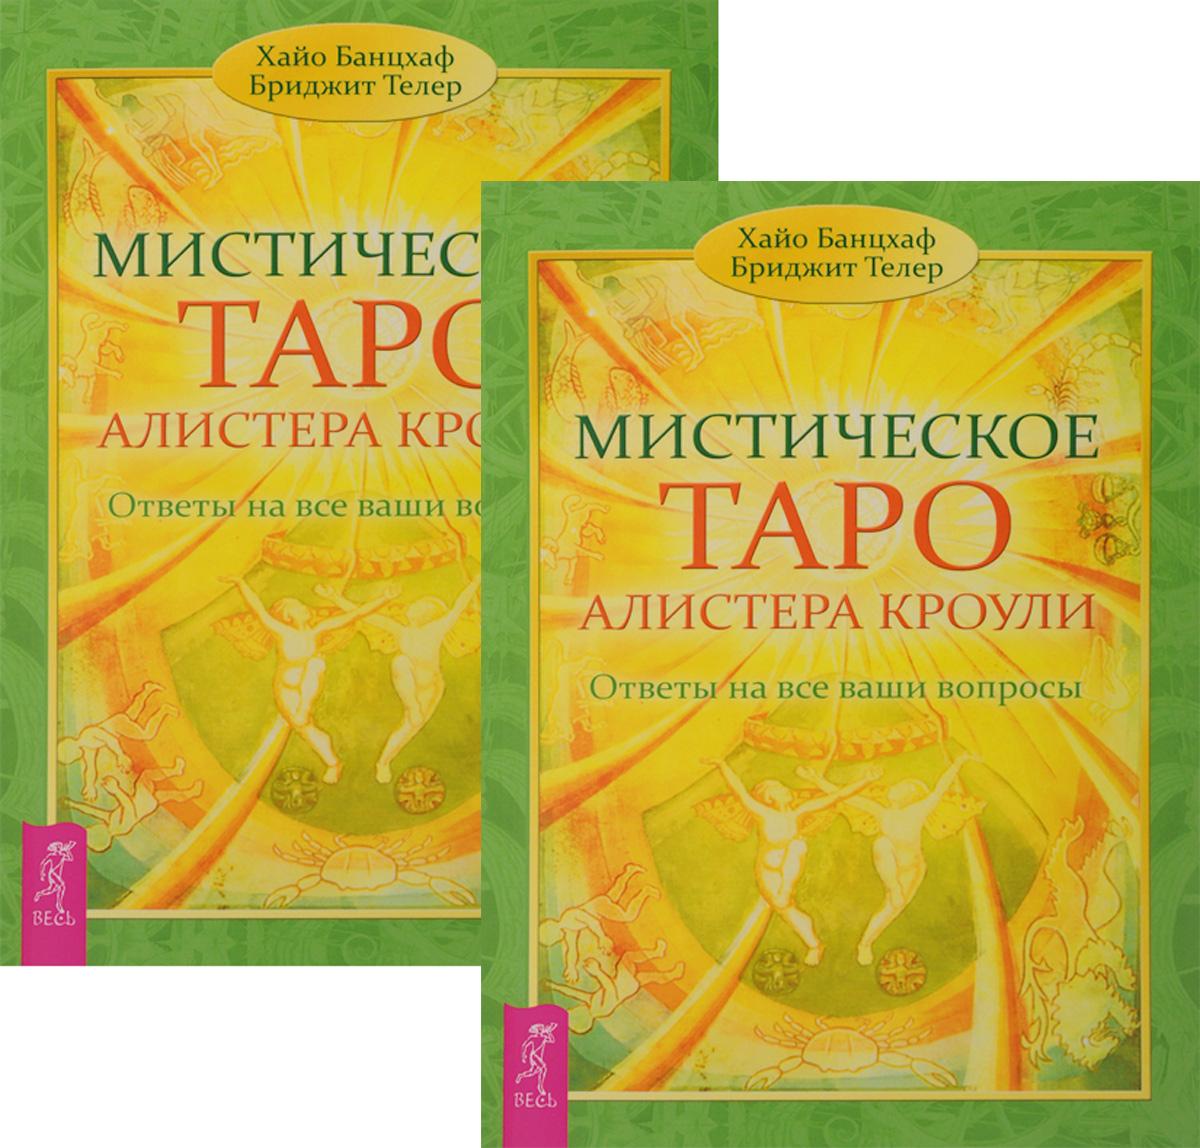 Мистическое Таро Алистера Кроули. Ответы на все ваши вопросы (комплект из 2 книг). Хайо Банцхаф, Бриджит Телер